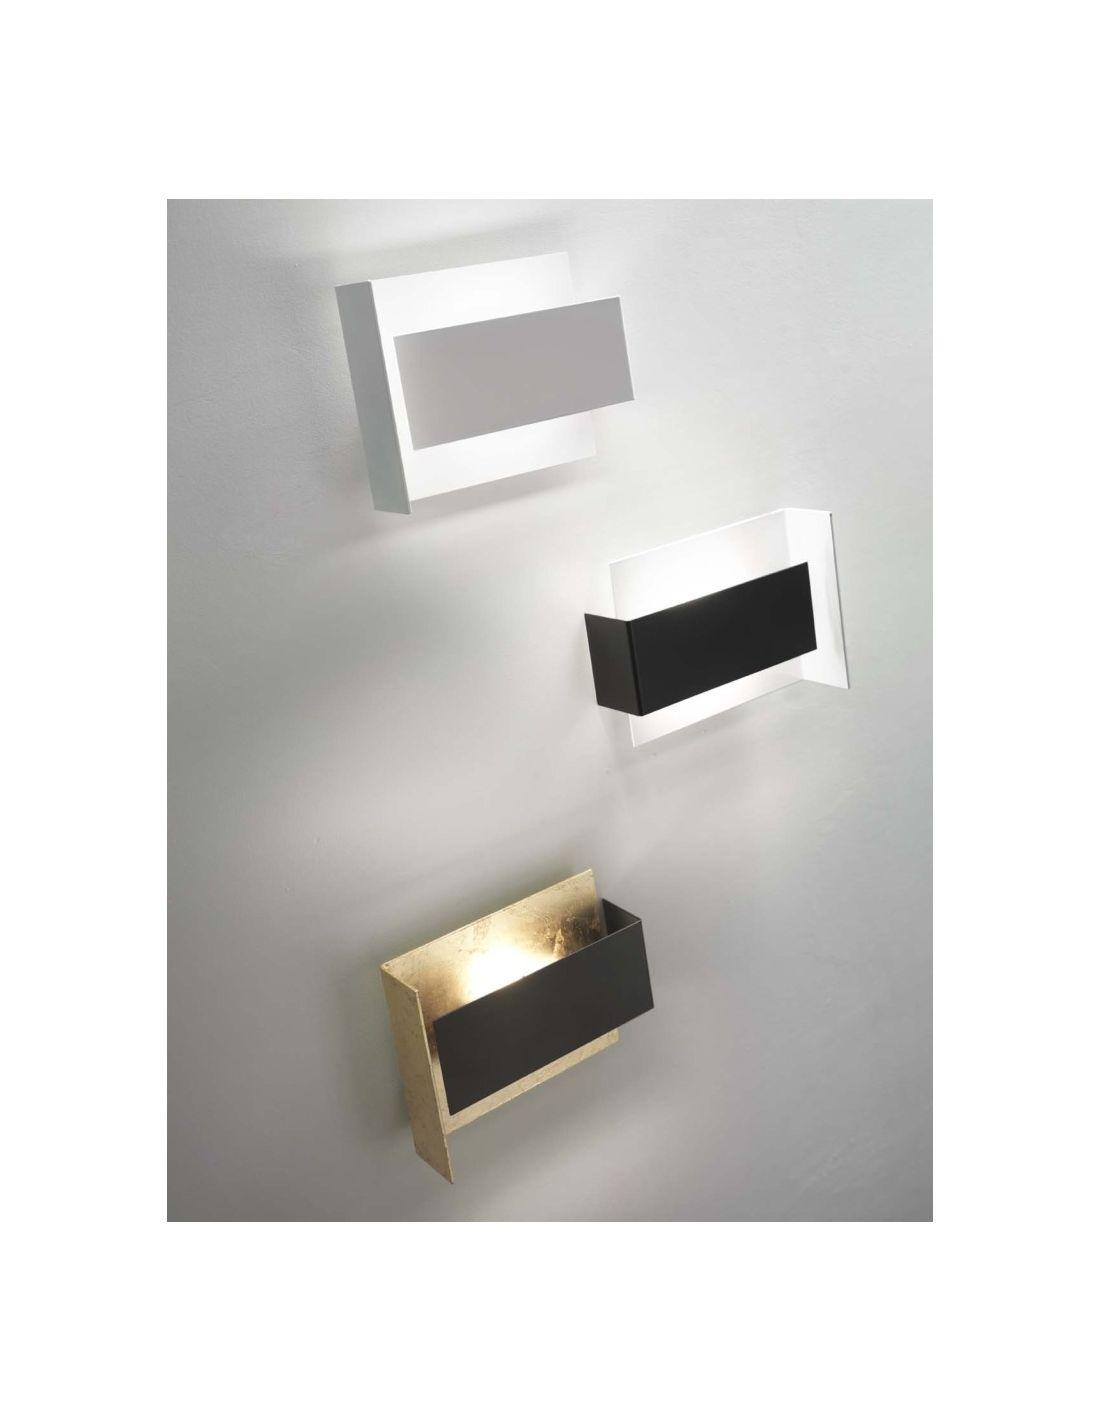 Tao d702 lampada da parete a led in acciaio oro e nero - Lampade a parete design ...